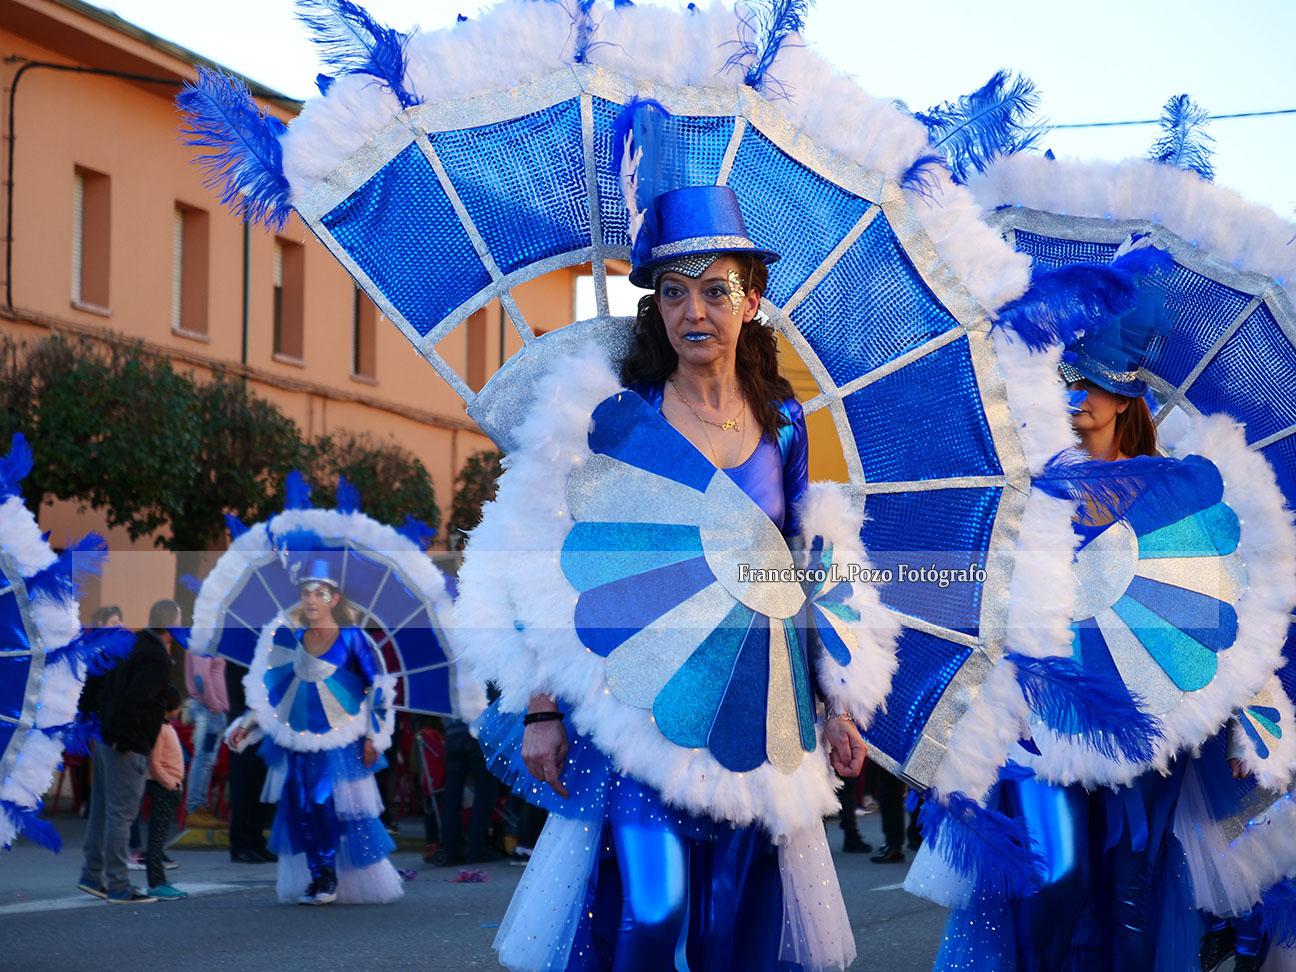 Carnaval 2020: Camponaraya sale a la calle a ritmo de comparsa 49